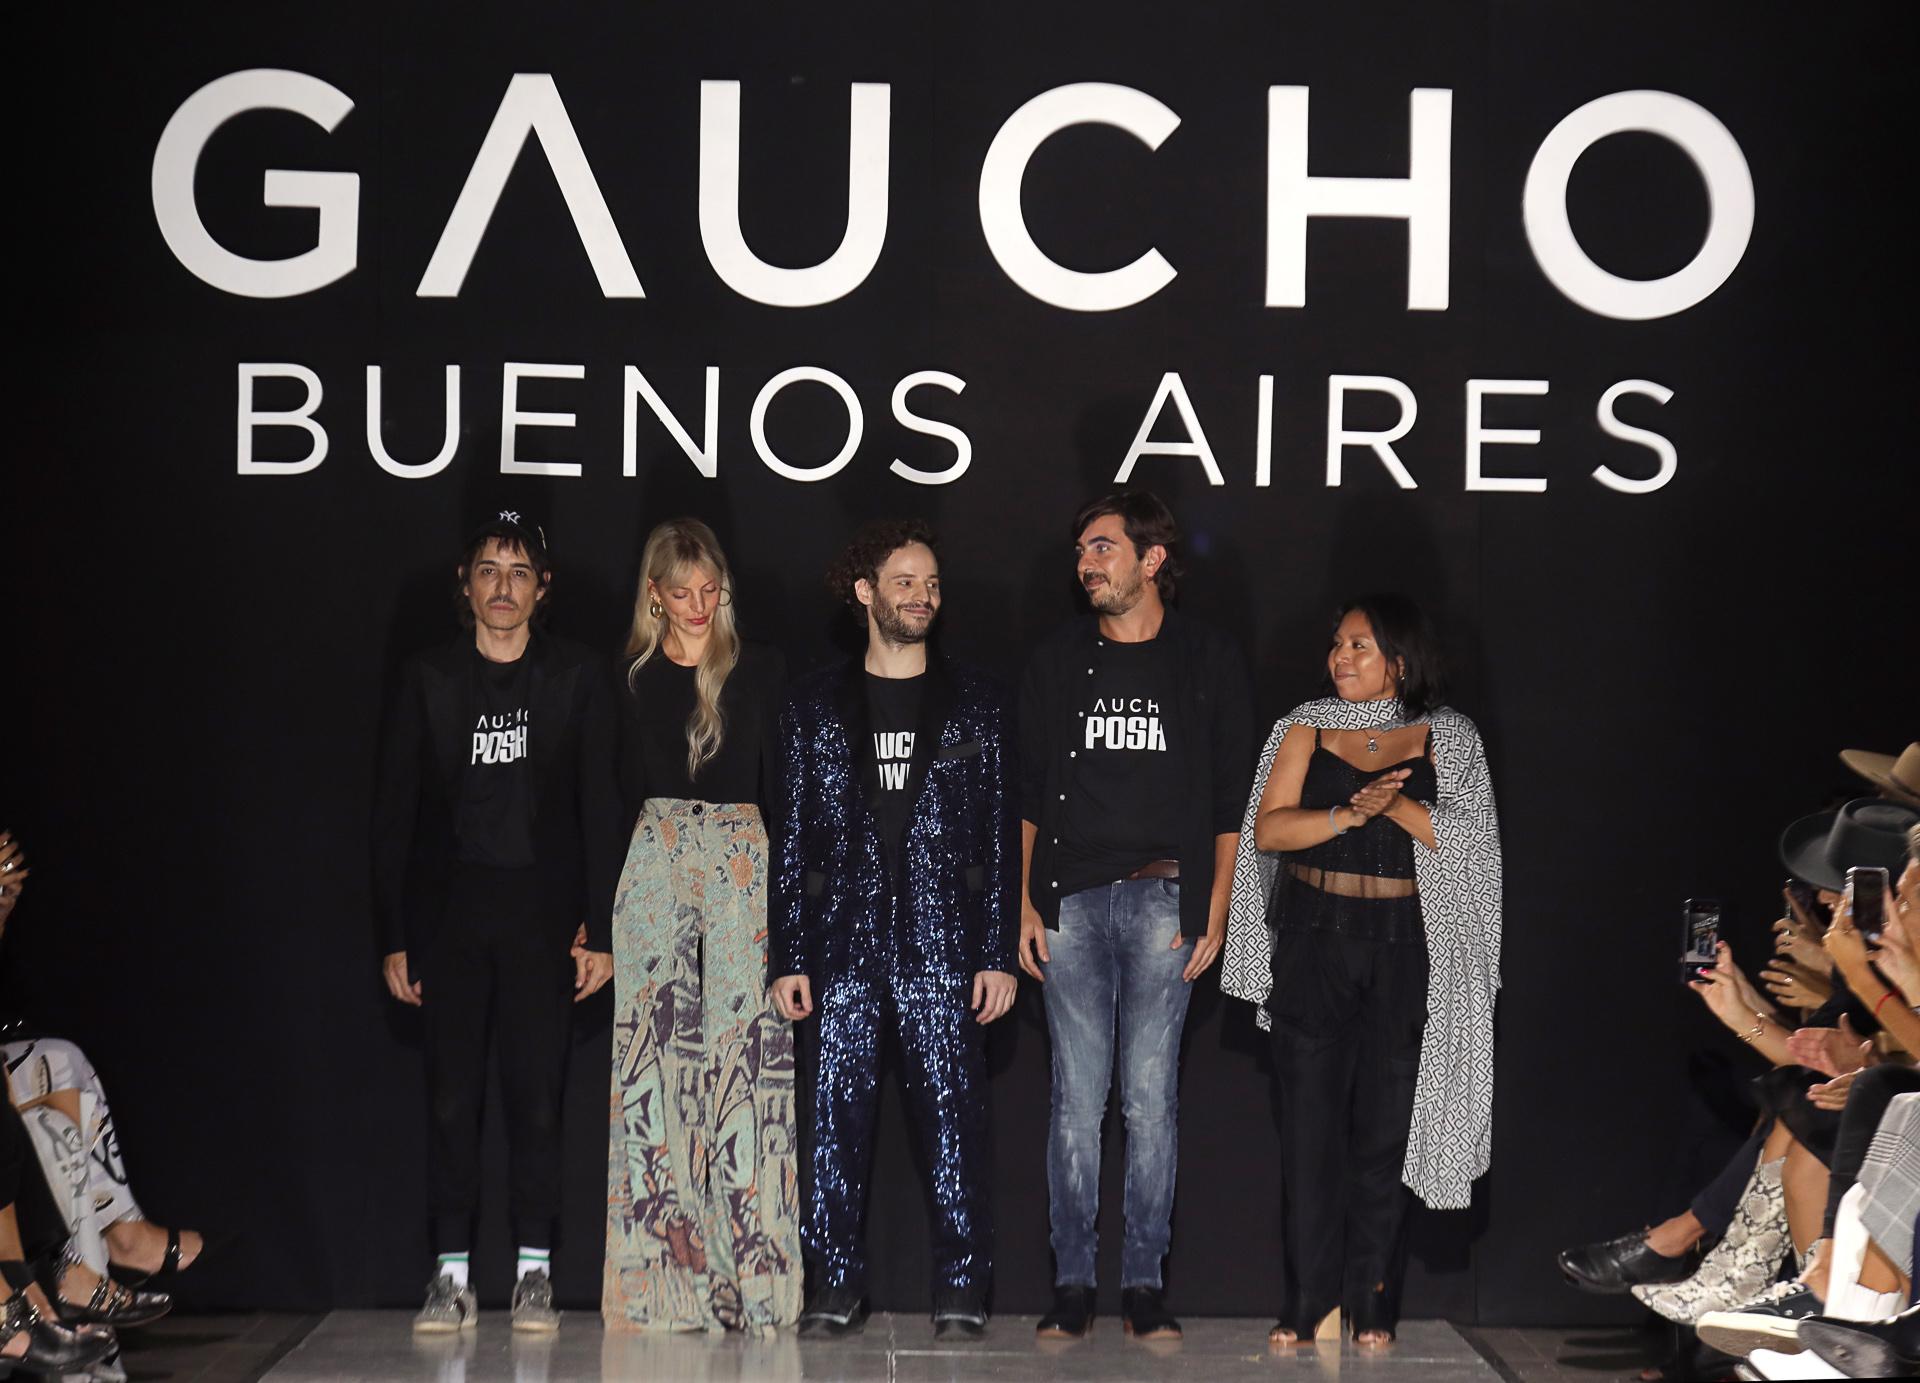 El cierre del fashion show de Gaucho, creada por el diseñador Santiago Gallo